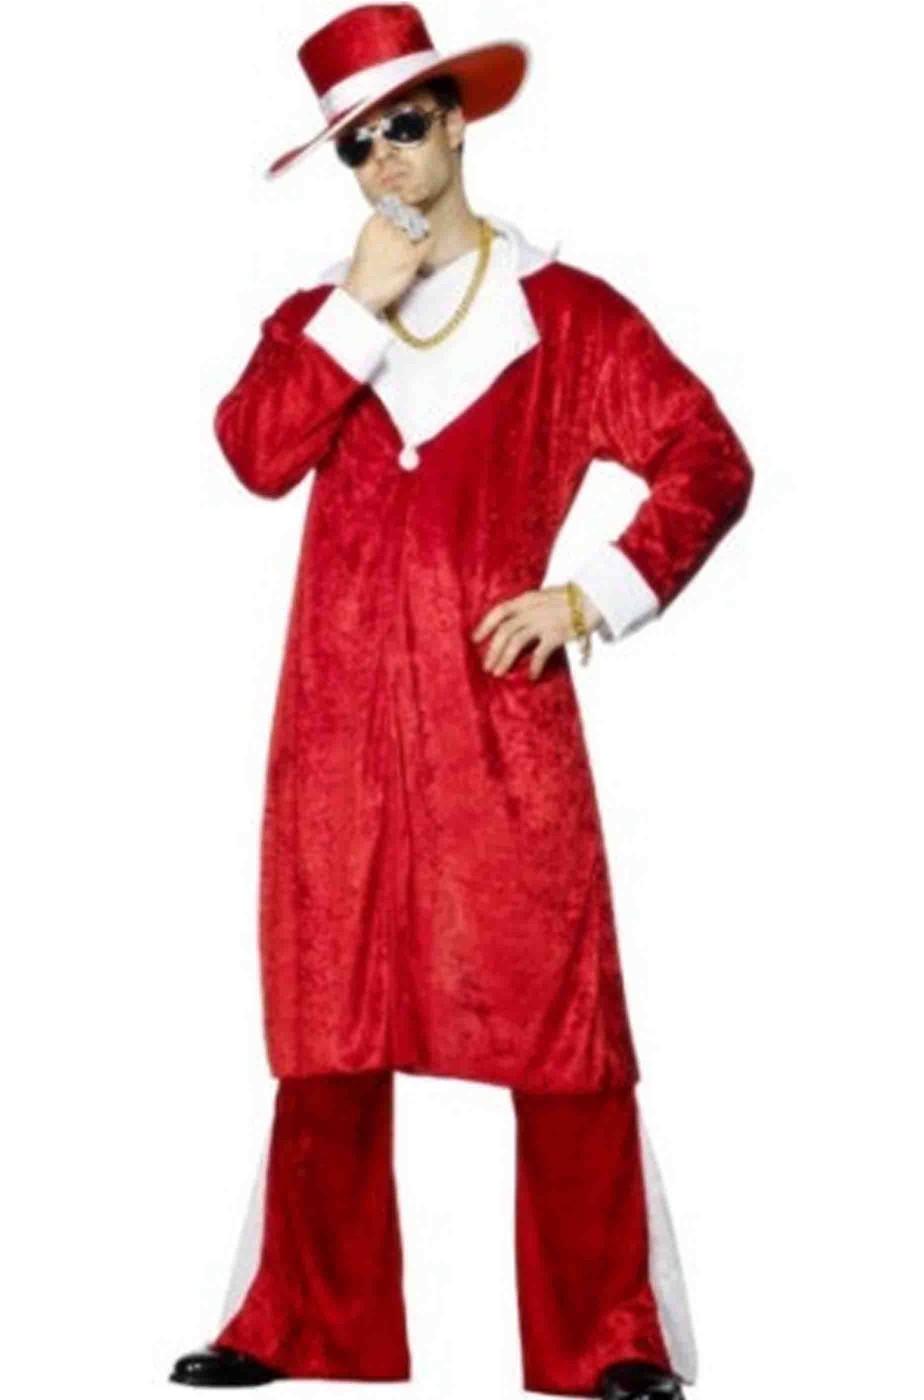 Costume Babbo Natale.Costume Babbo Natale Pappone Anni 70 Fantastico Per Villaggi Vacanze